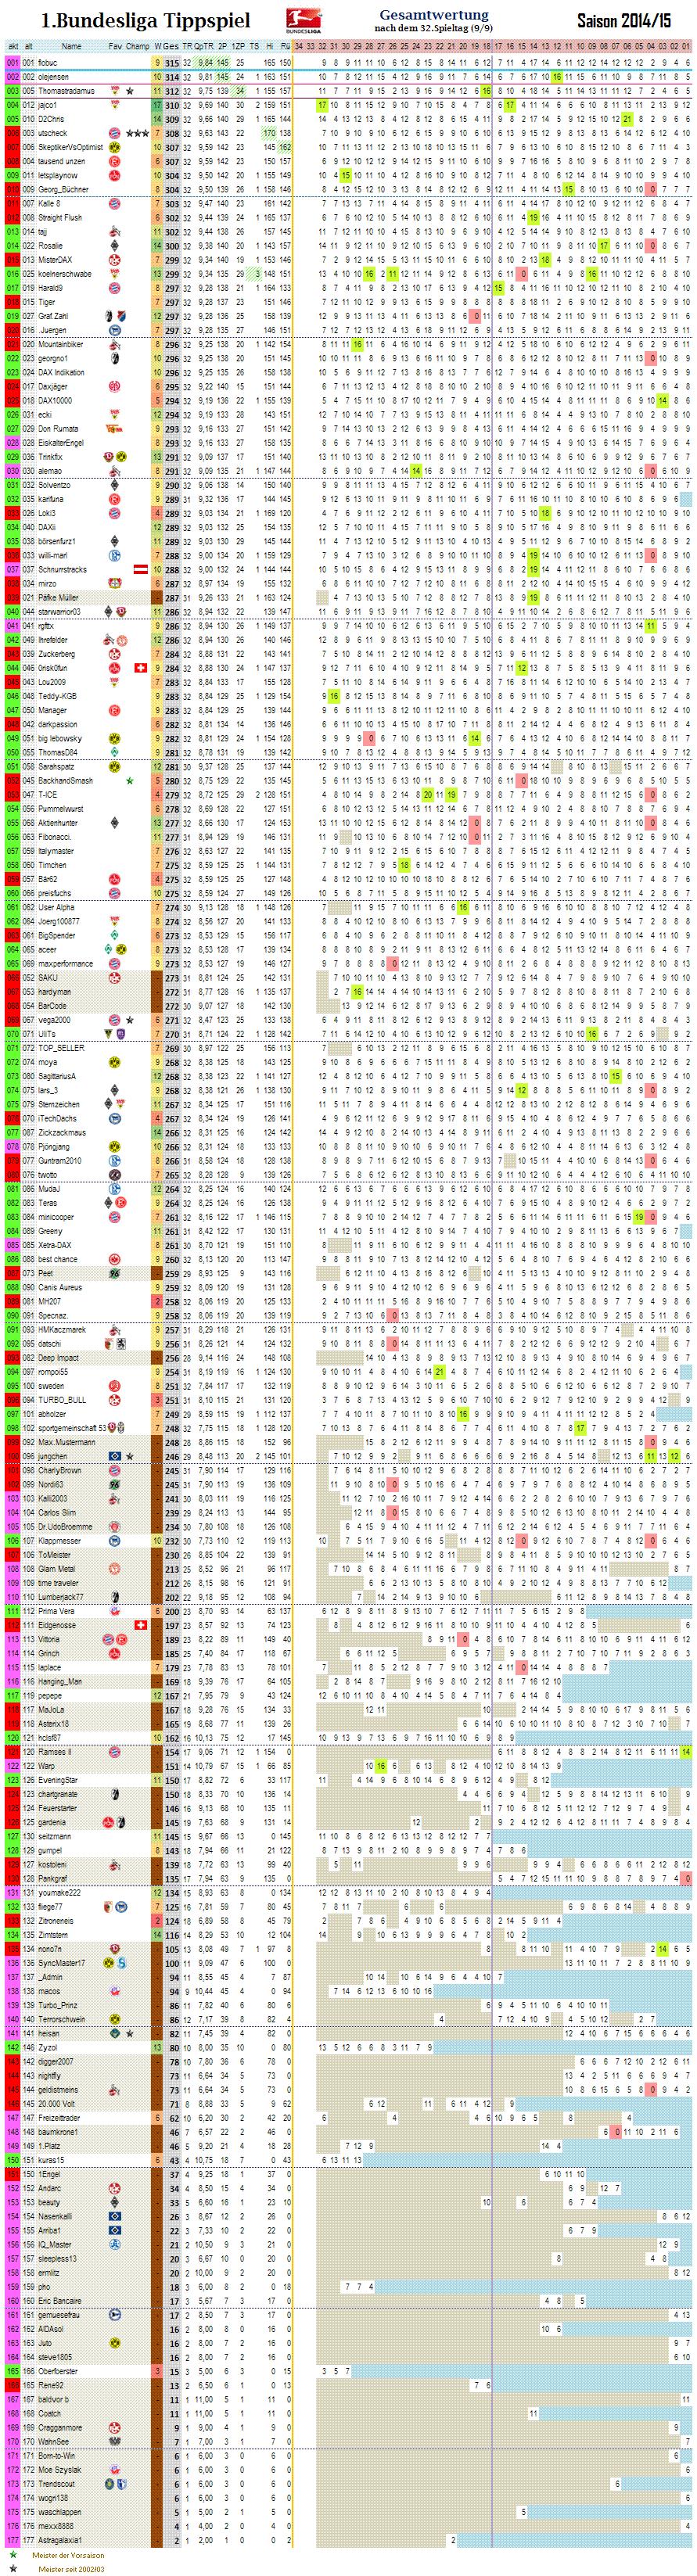 1bl_gesamtwertung_32.png